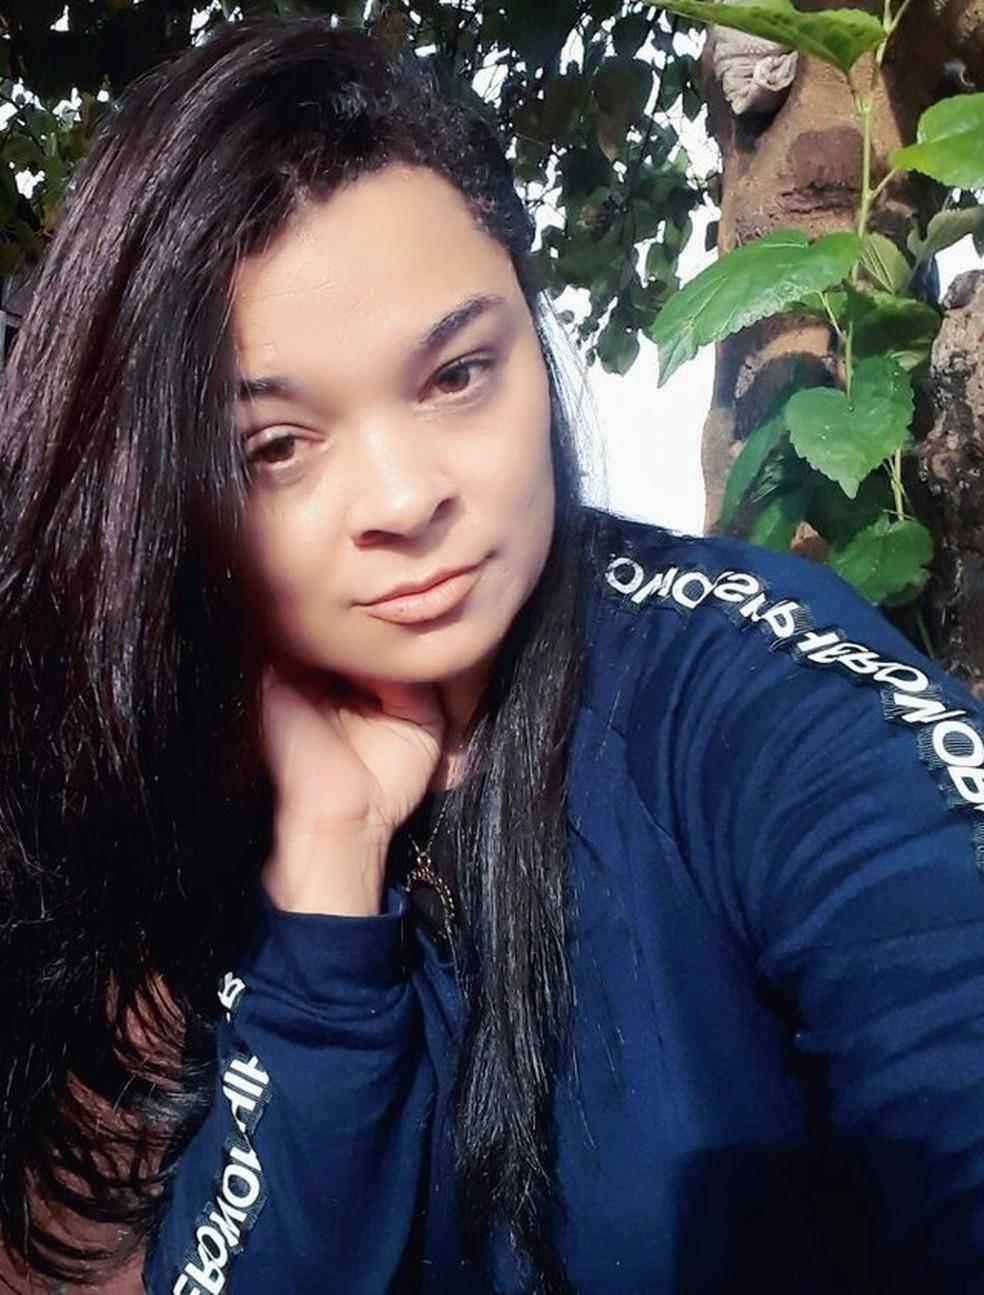 Luciana dos Santos Barbosa Lima denunciou médico por fazer cirurgia sem o consentimento dela (Foto: Arquivo pessoal)